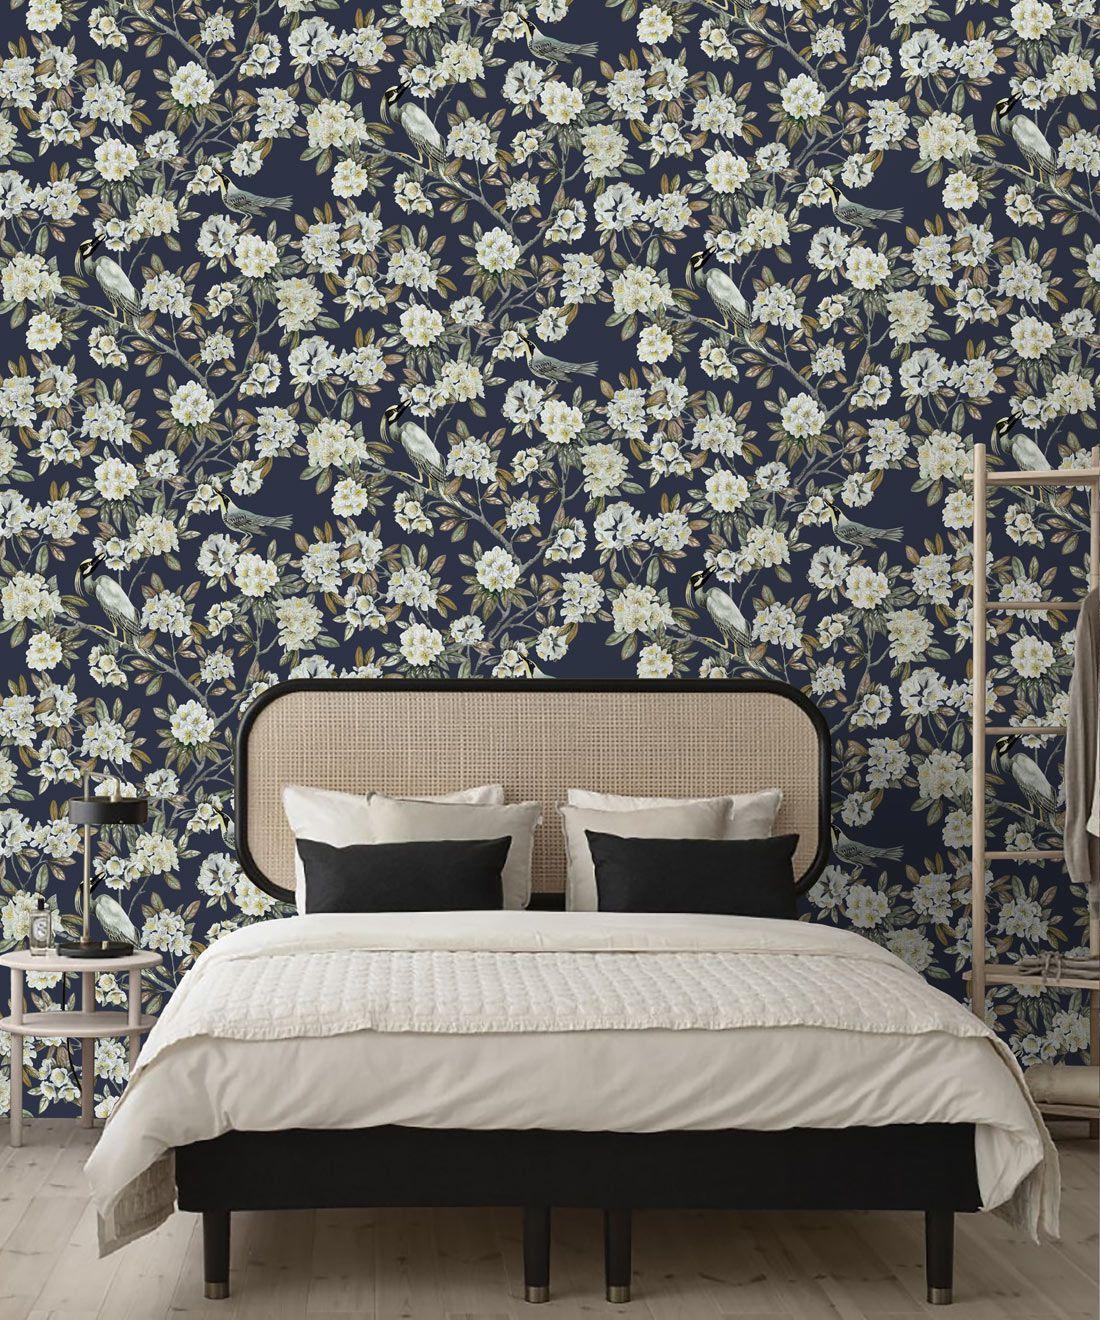 Victoria Wallpaper • Floral Wallpaper • Navy Wallpaper • Insitu